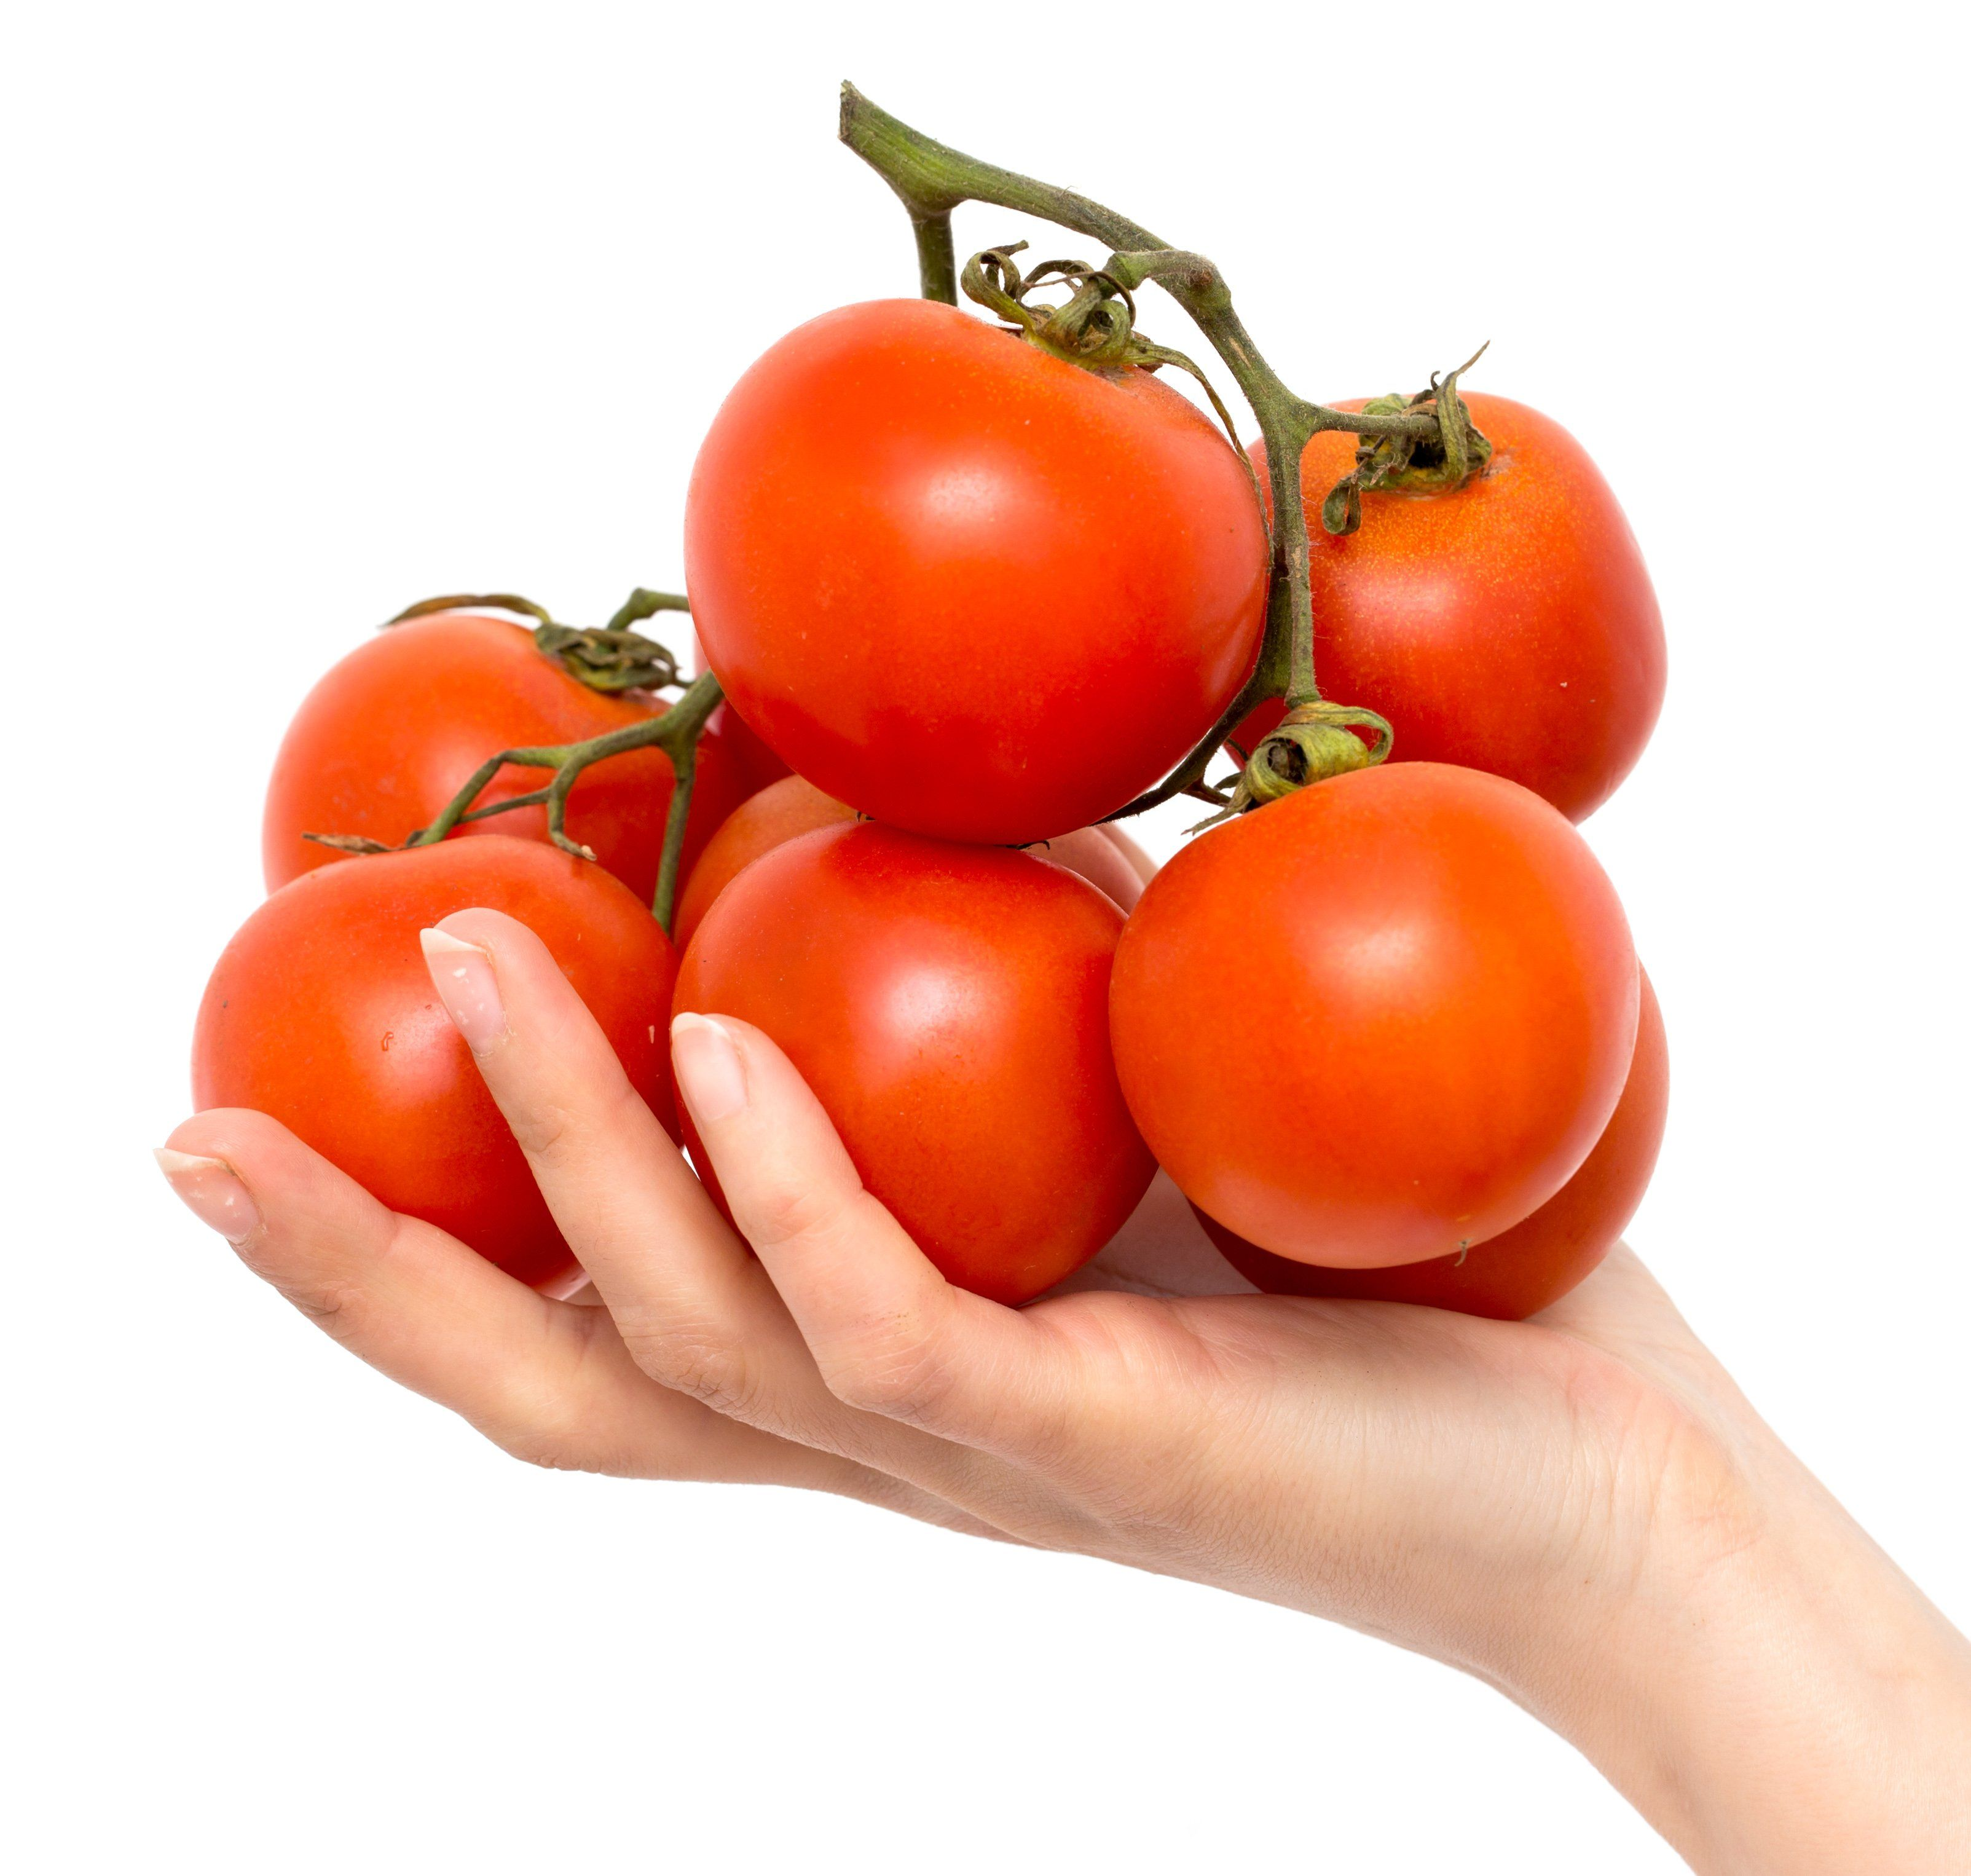 Jet Star Hybrid Tomato Seeds Growing Tomatoes Tomato Seeds Tomato Garden